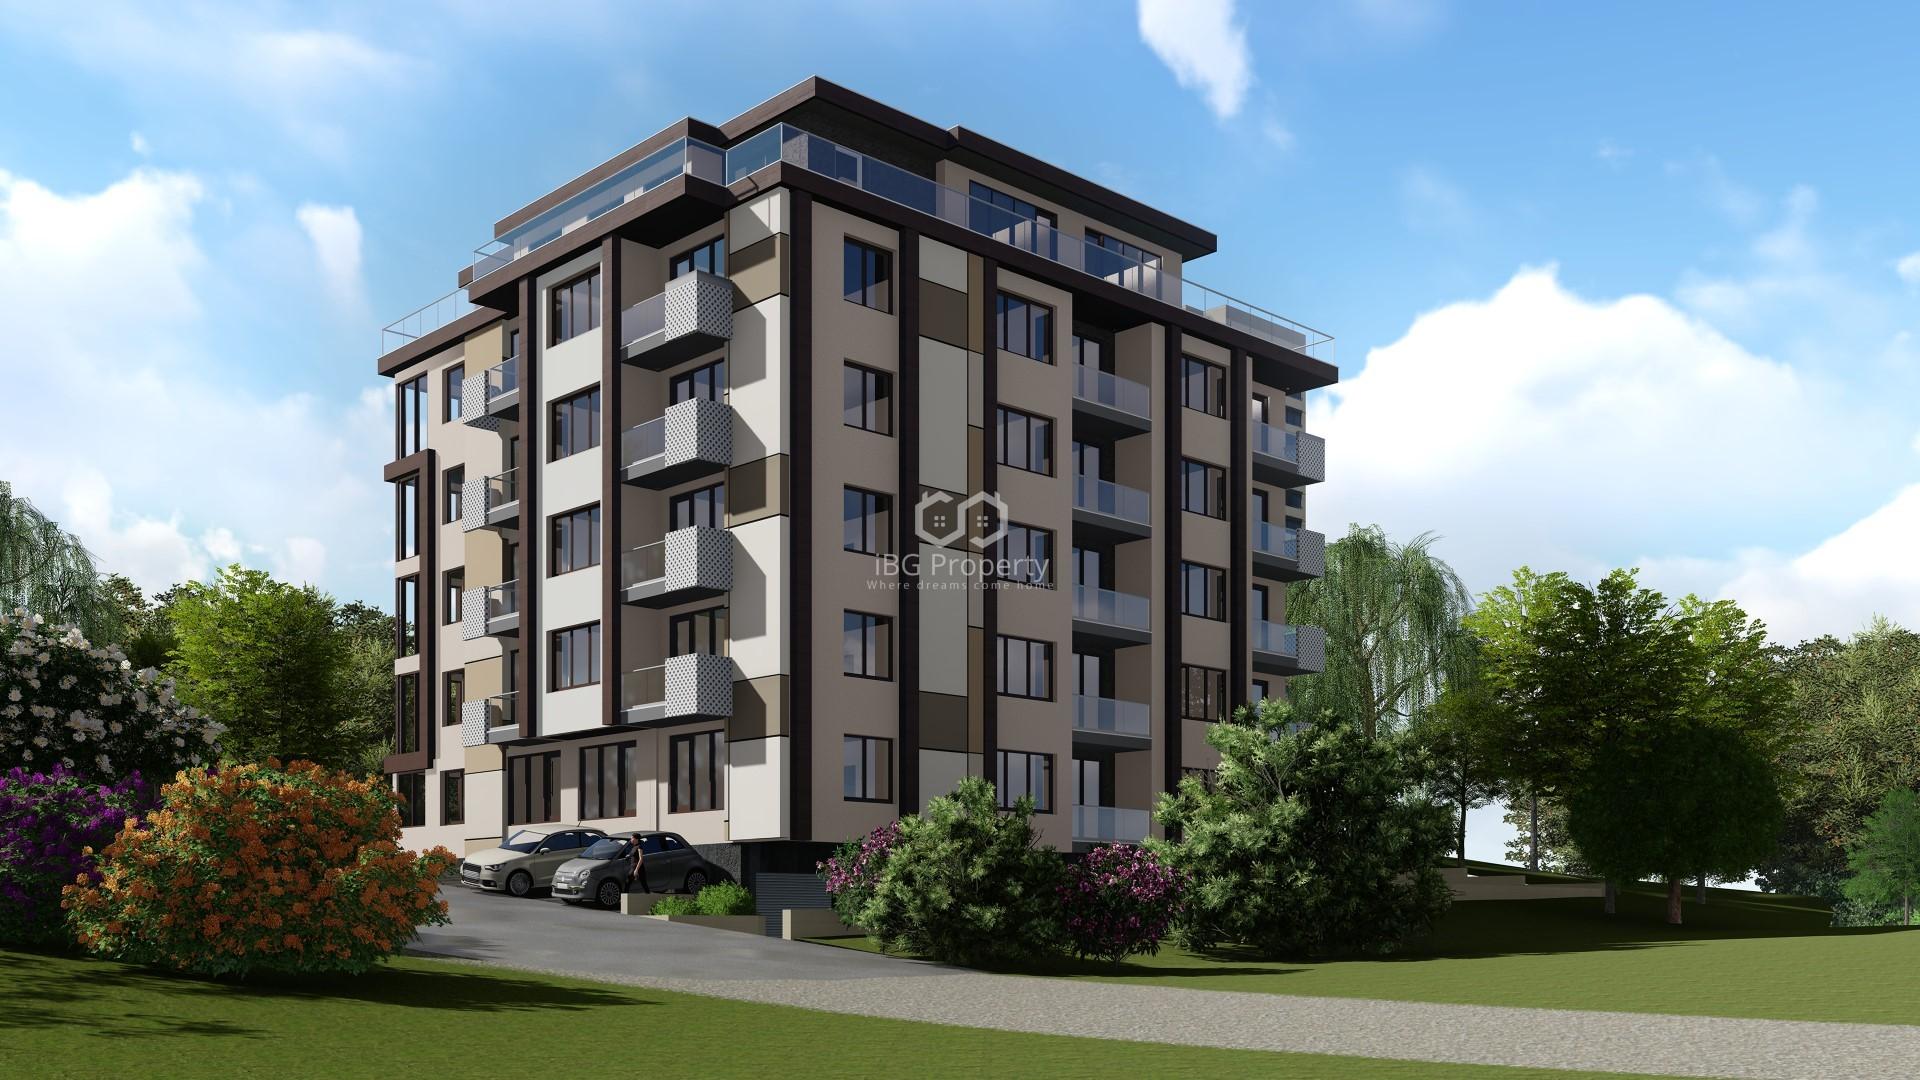 Dreizimmerwohnung in Mladost, Varna 85 m2